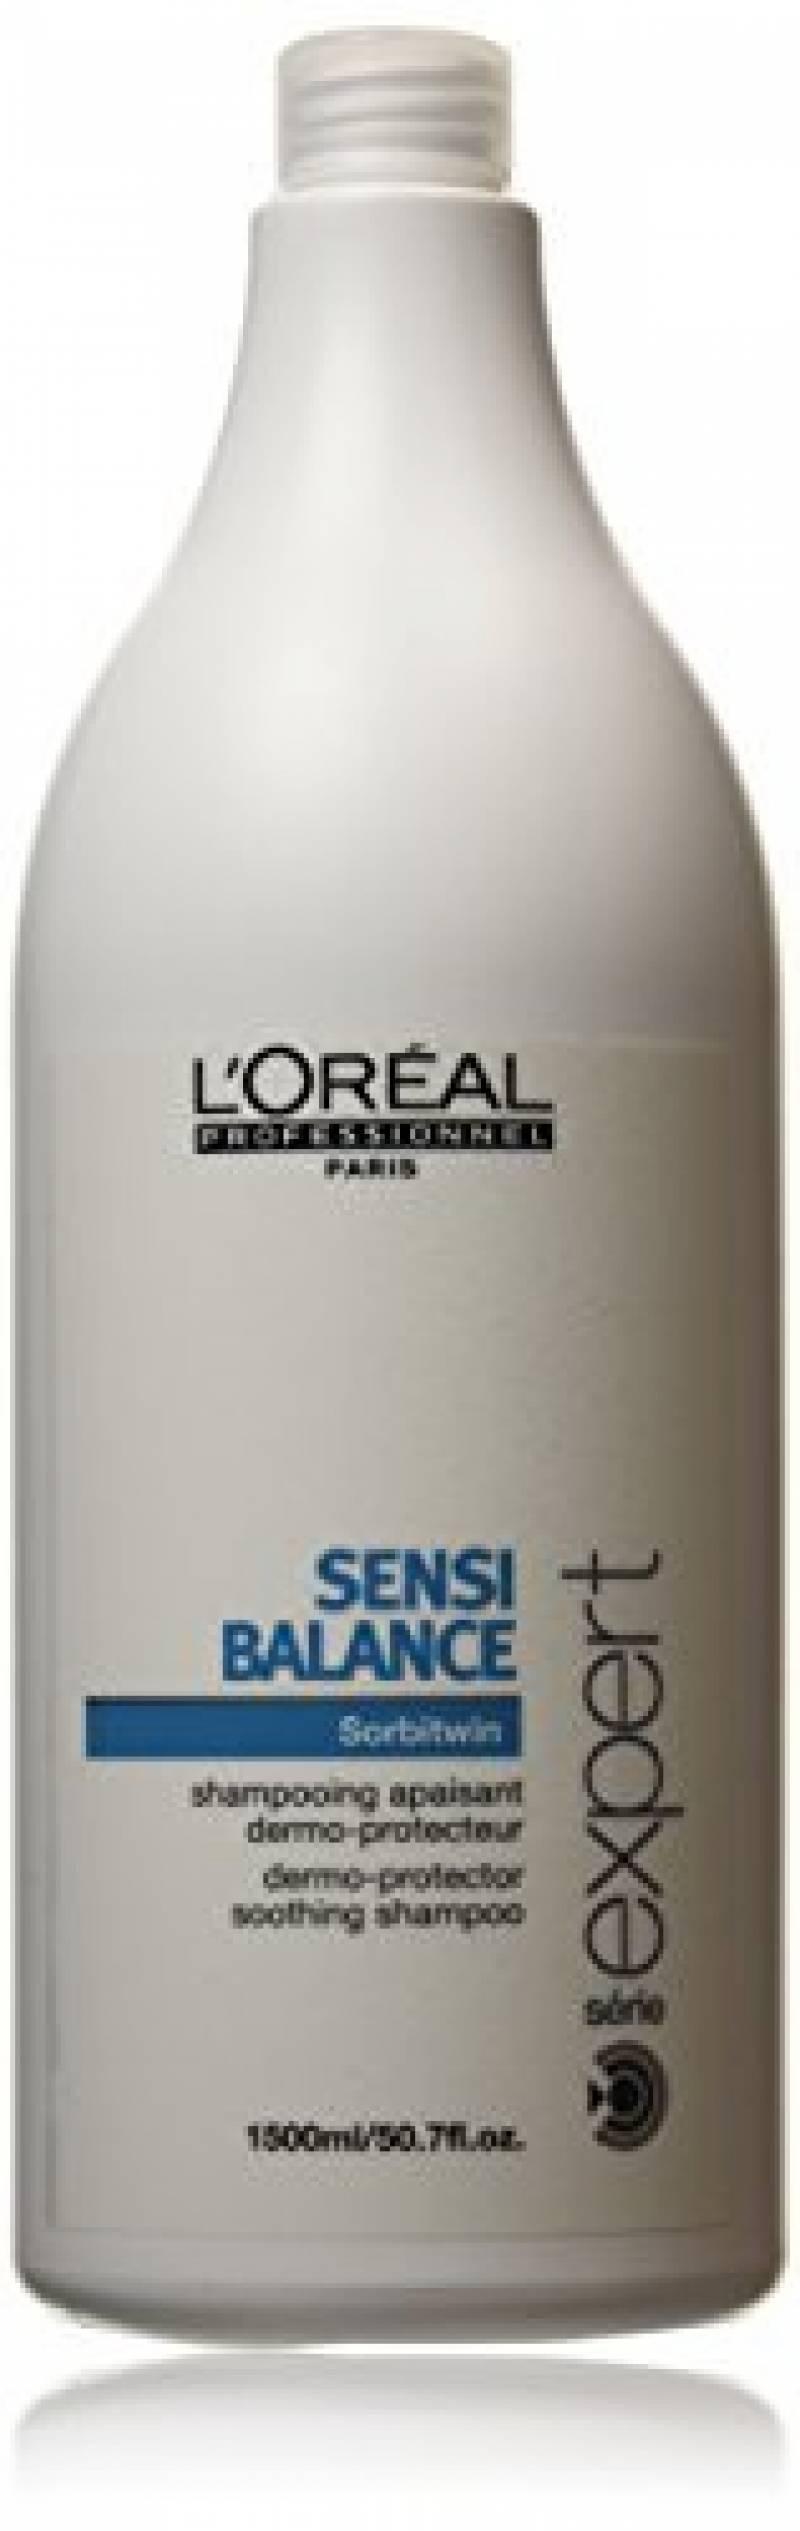 L'Oréal Professionnel Shampooing Apaisant Sensi Balance 1500 ml de la marque L'Oréal Professionnel TOP 2 image 0 produit